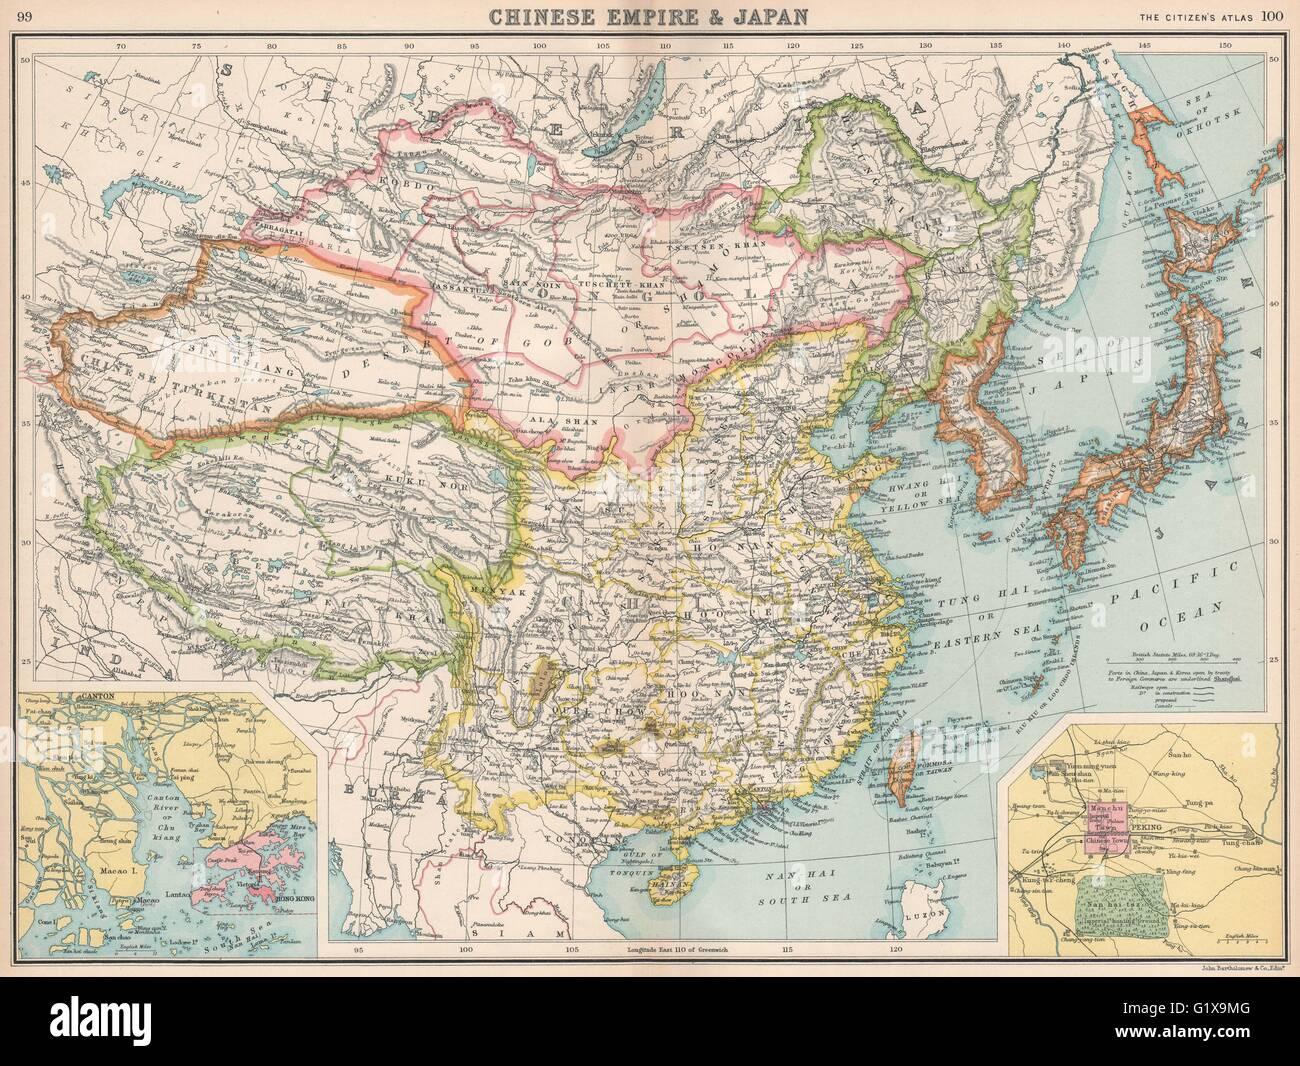 East asia china chinese turkistan tibet korea japan hong kong stock east asia china chinese turkistan tibet korea japan hong kong peking 1912 map gumiabroncs Choice Image